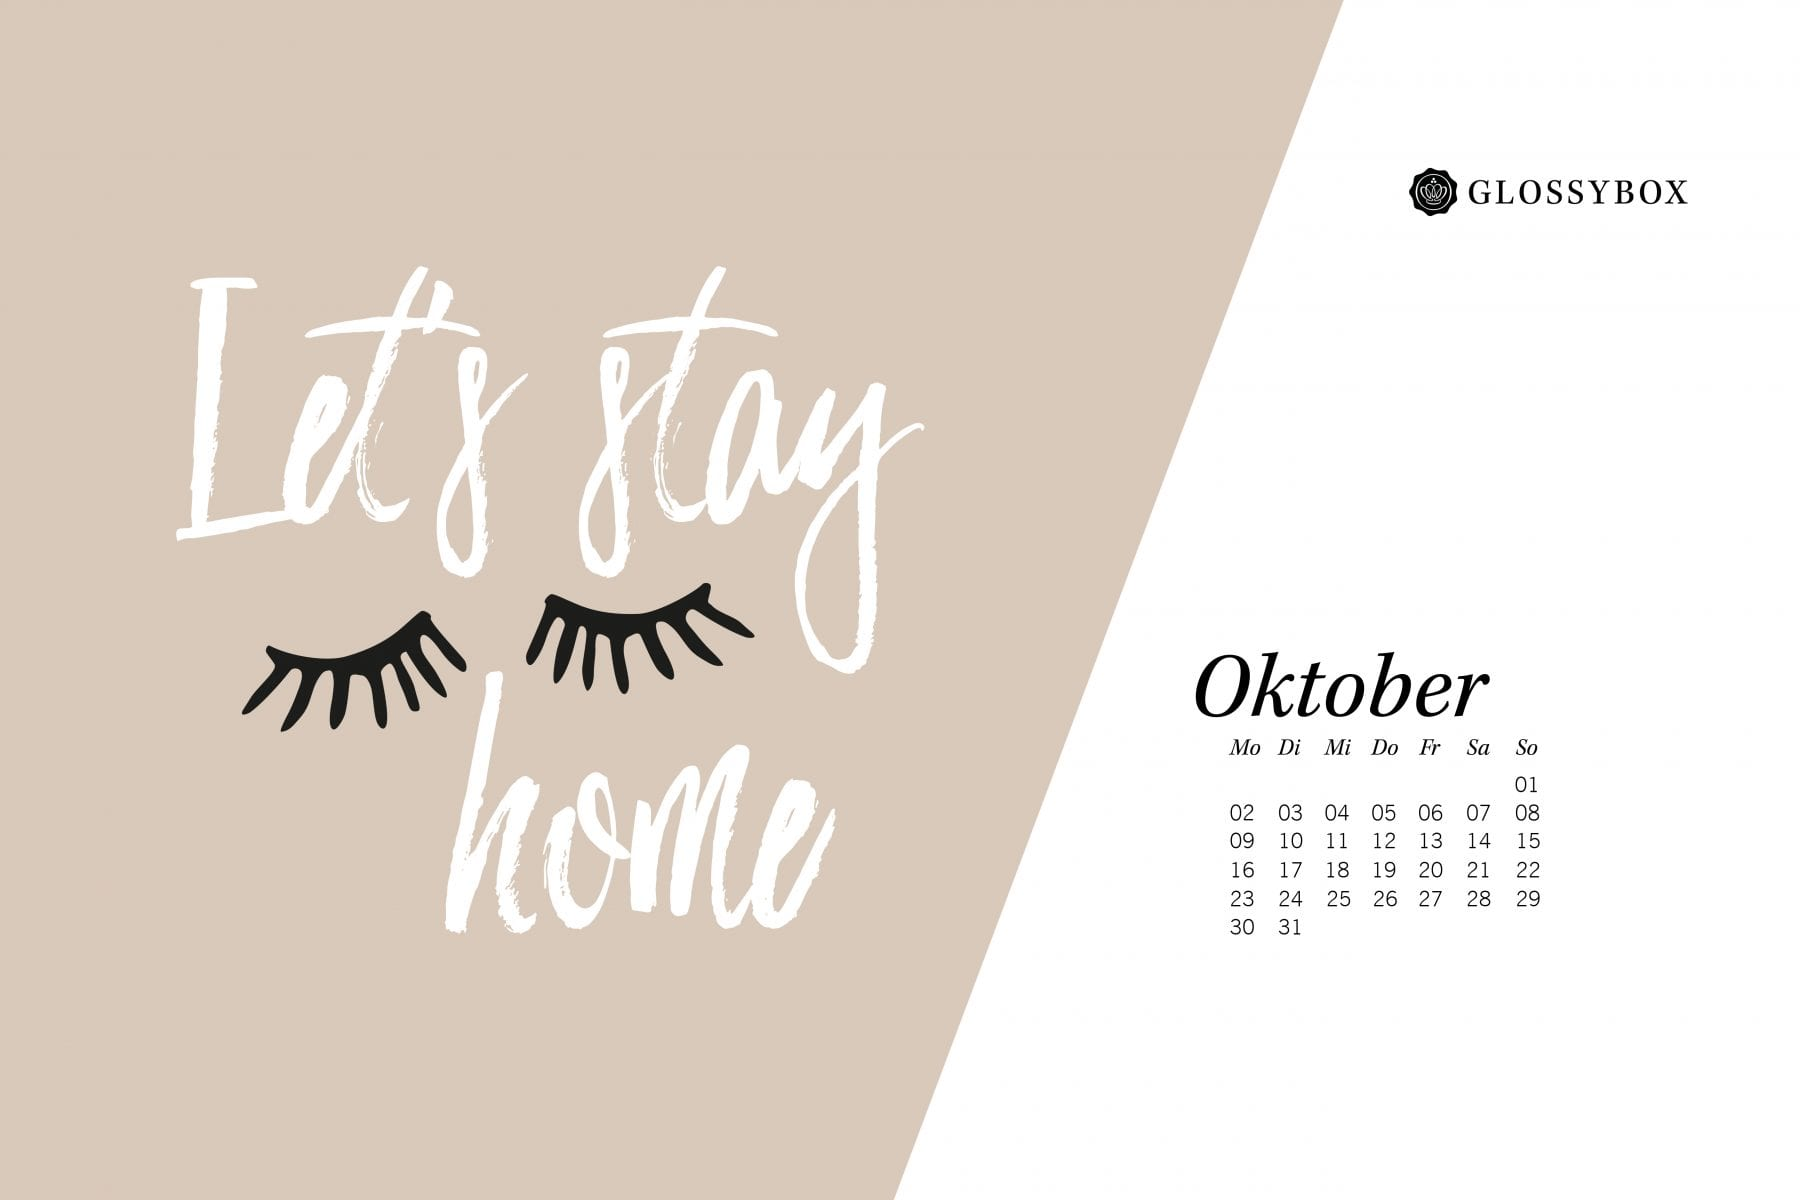 Jetzt wird's kuschlig: Deine GLOSSY Wallpaper im Oktober